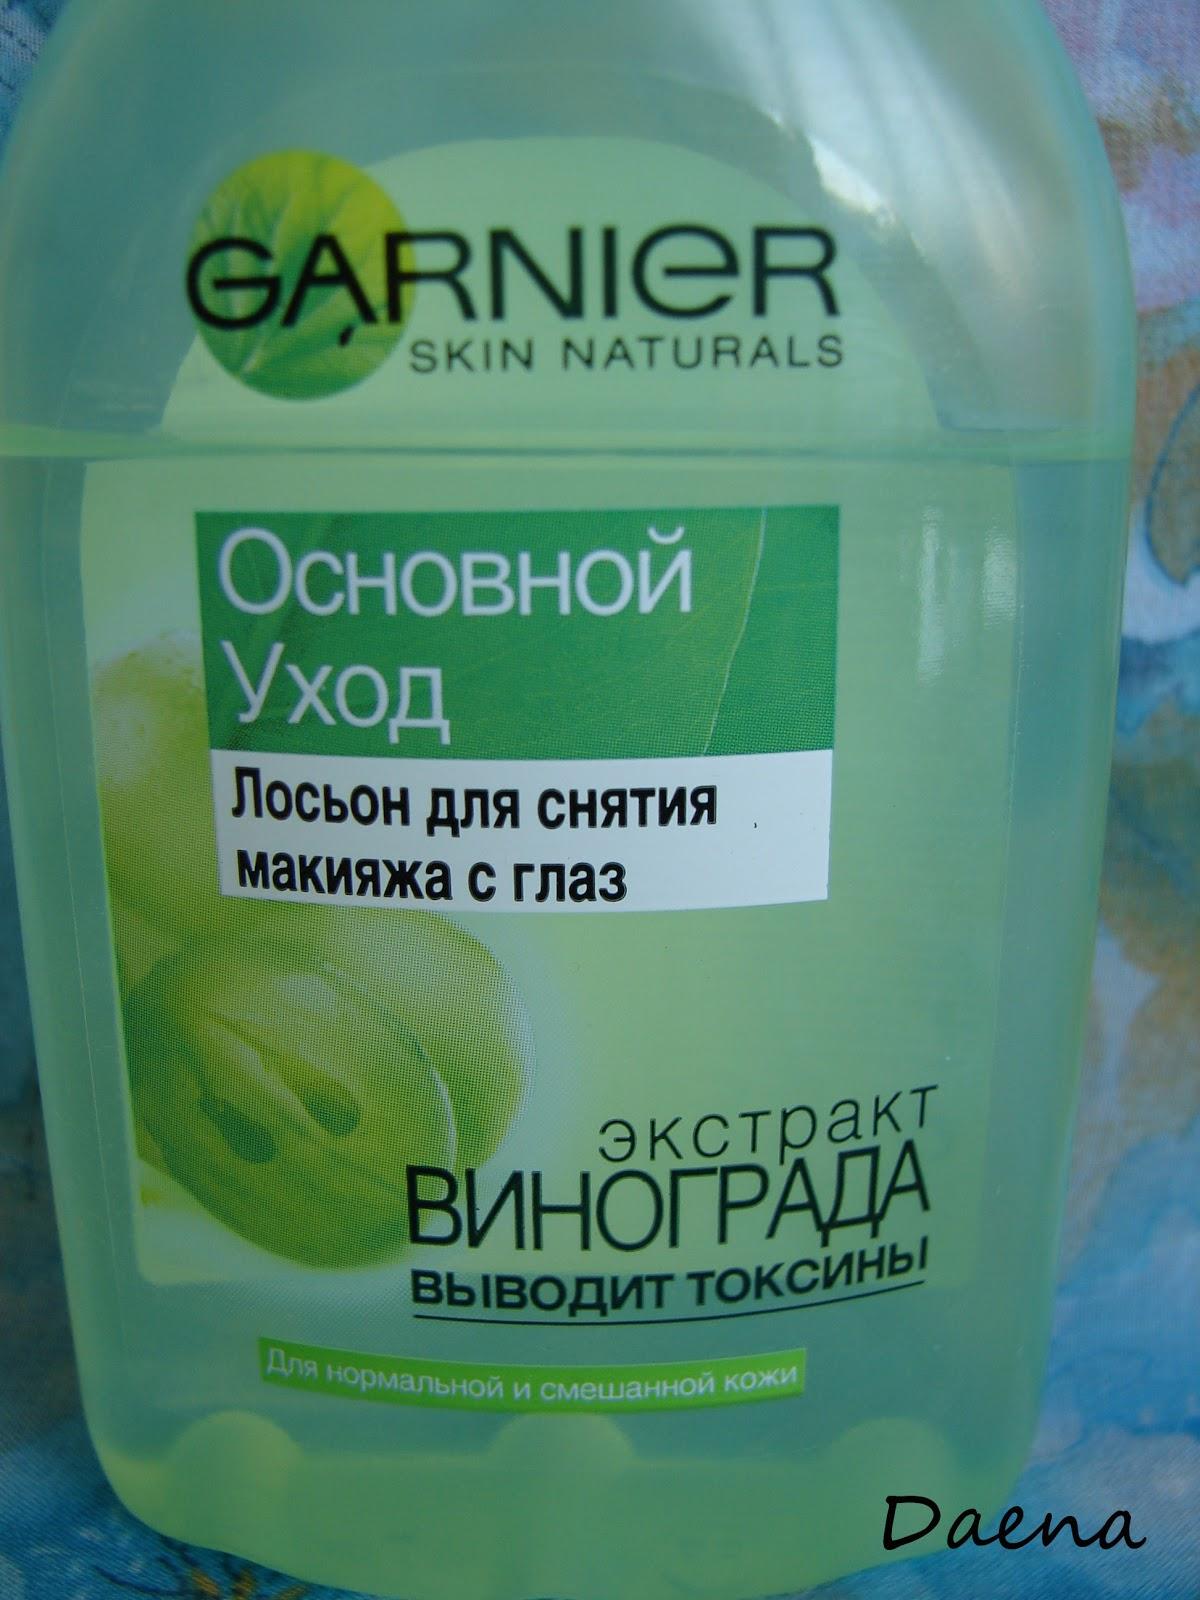 Garnier для снятия макияжа с глаз